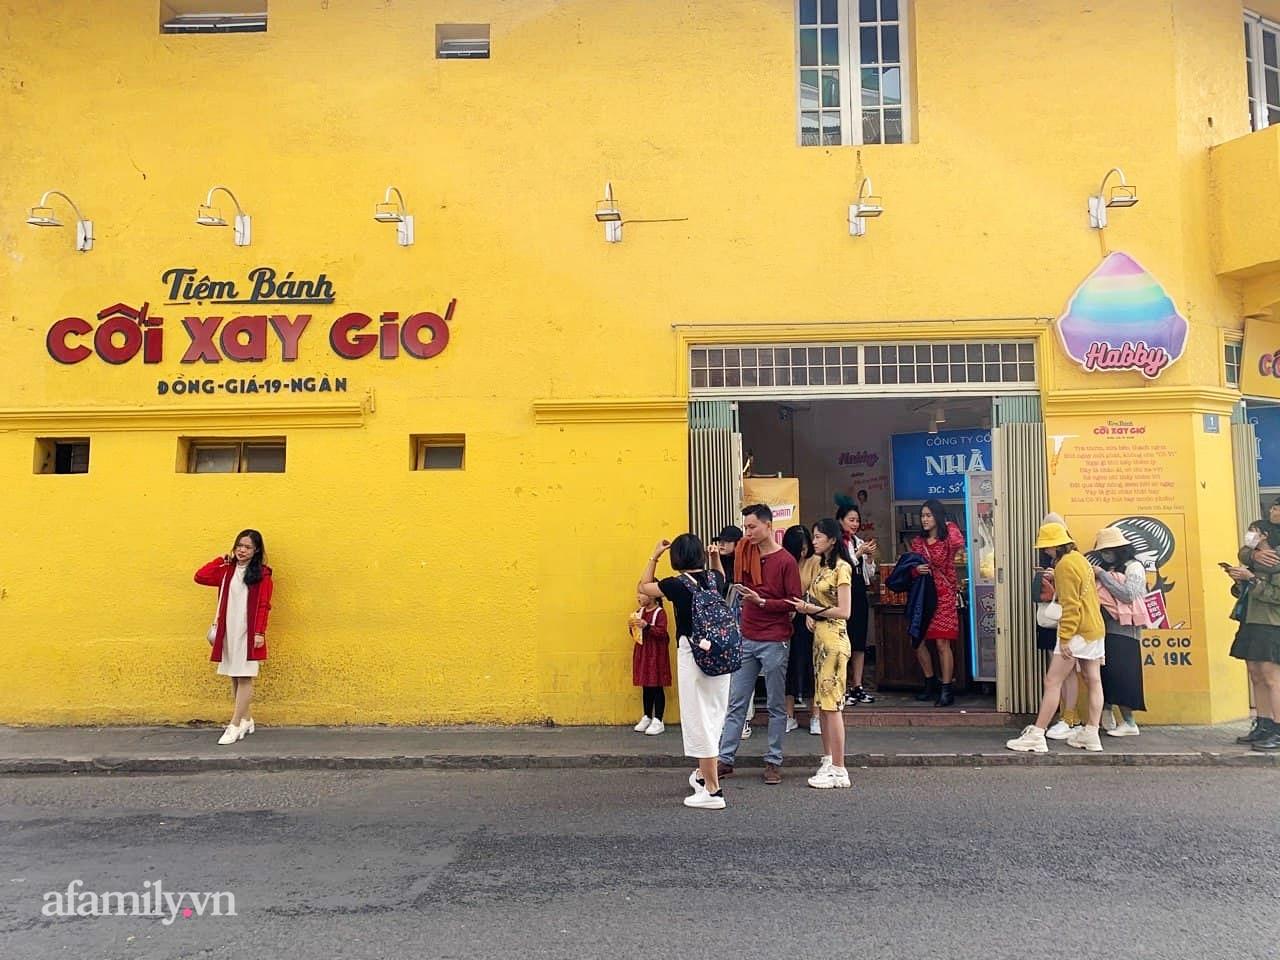 Hay tin bức tường vàng nổi tiếng của tiệm bánh Cối Xay Gió sắp ngừng hoạt động, khách du lịch kéo nhau đến chụp ảnh kỉ niệm đông nghẹt - Ảnh 5.